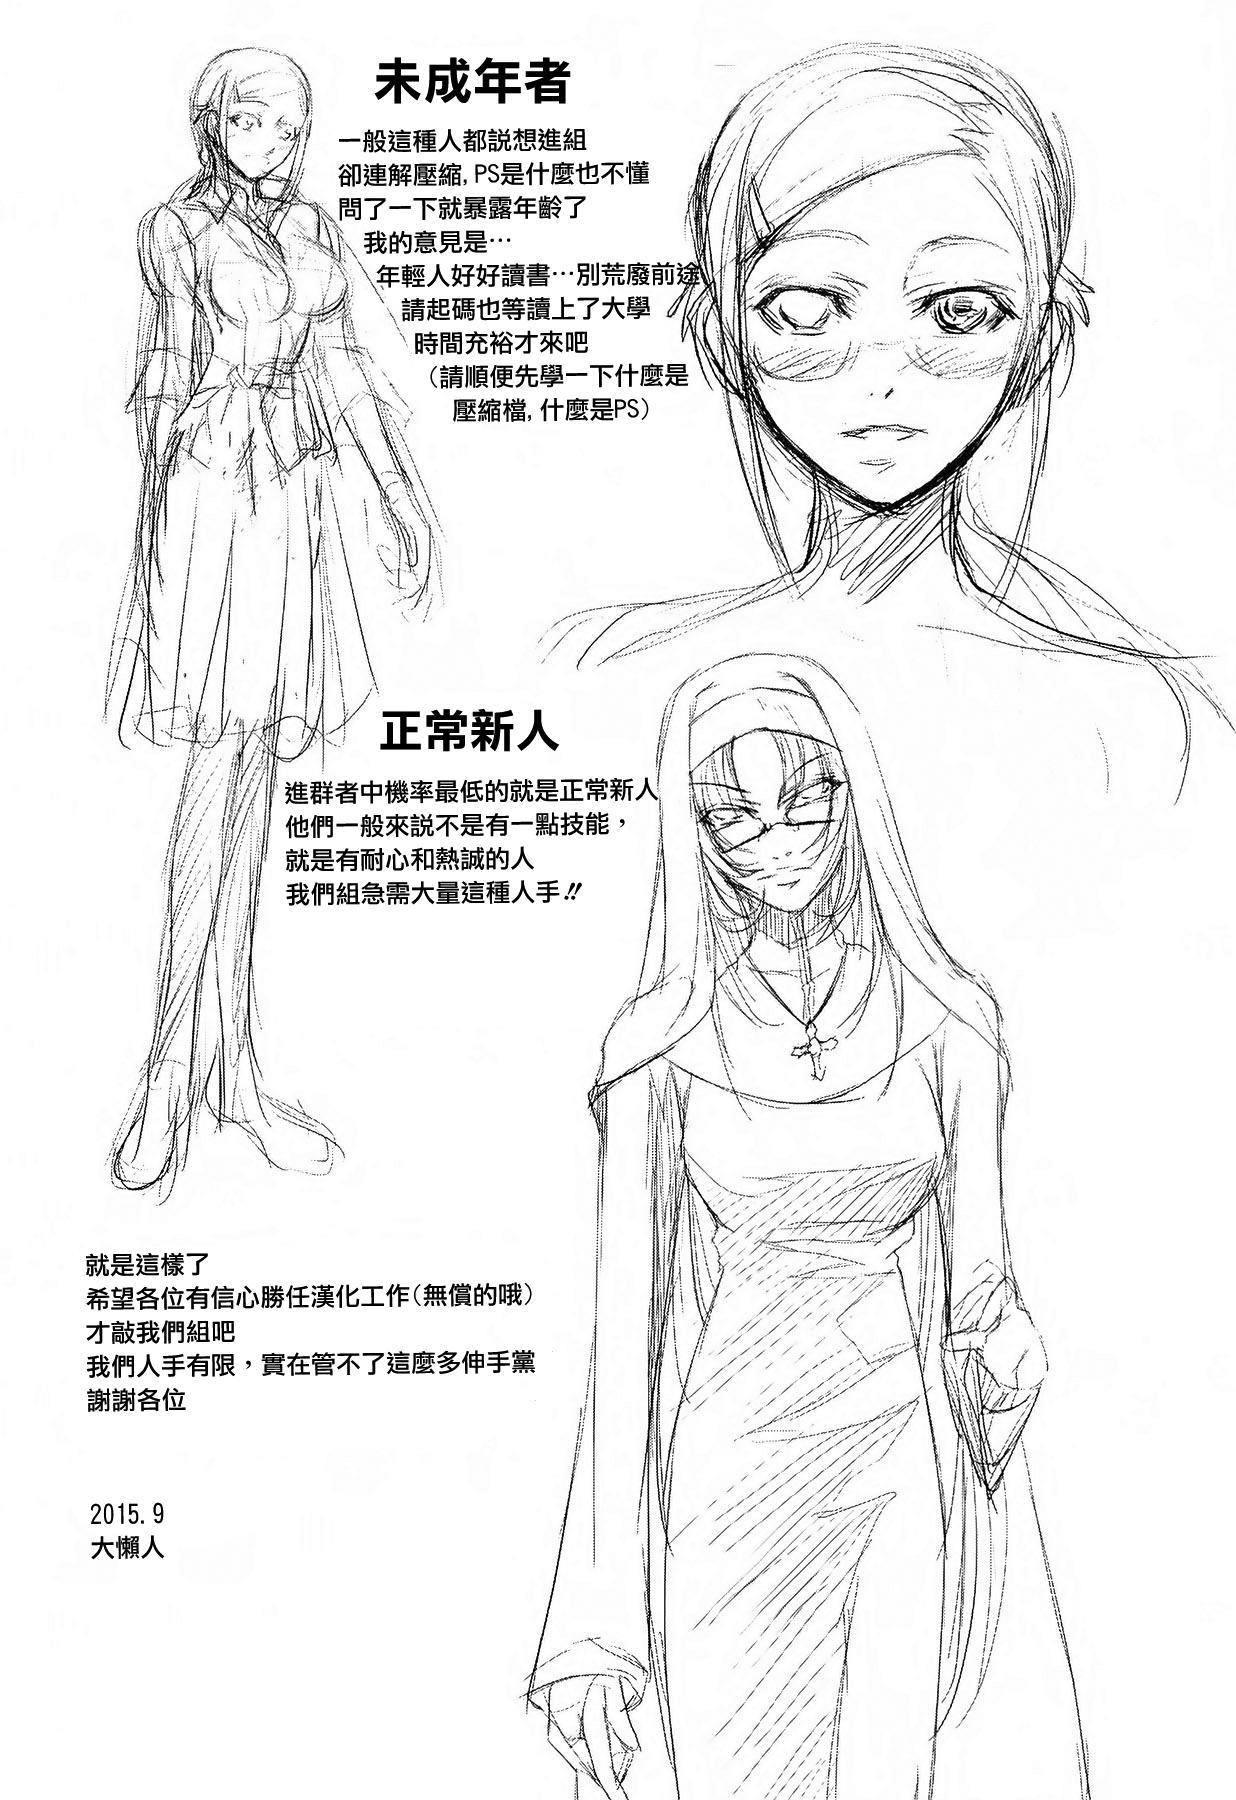 Onna Kyoushi no Renai Jijou 220